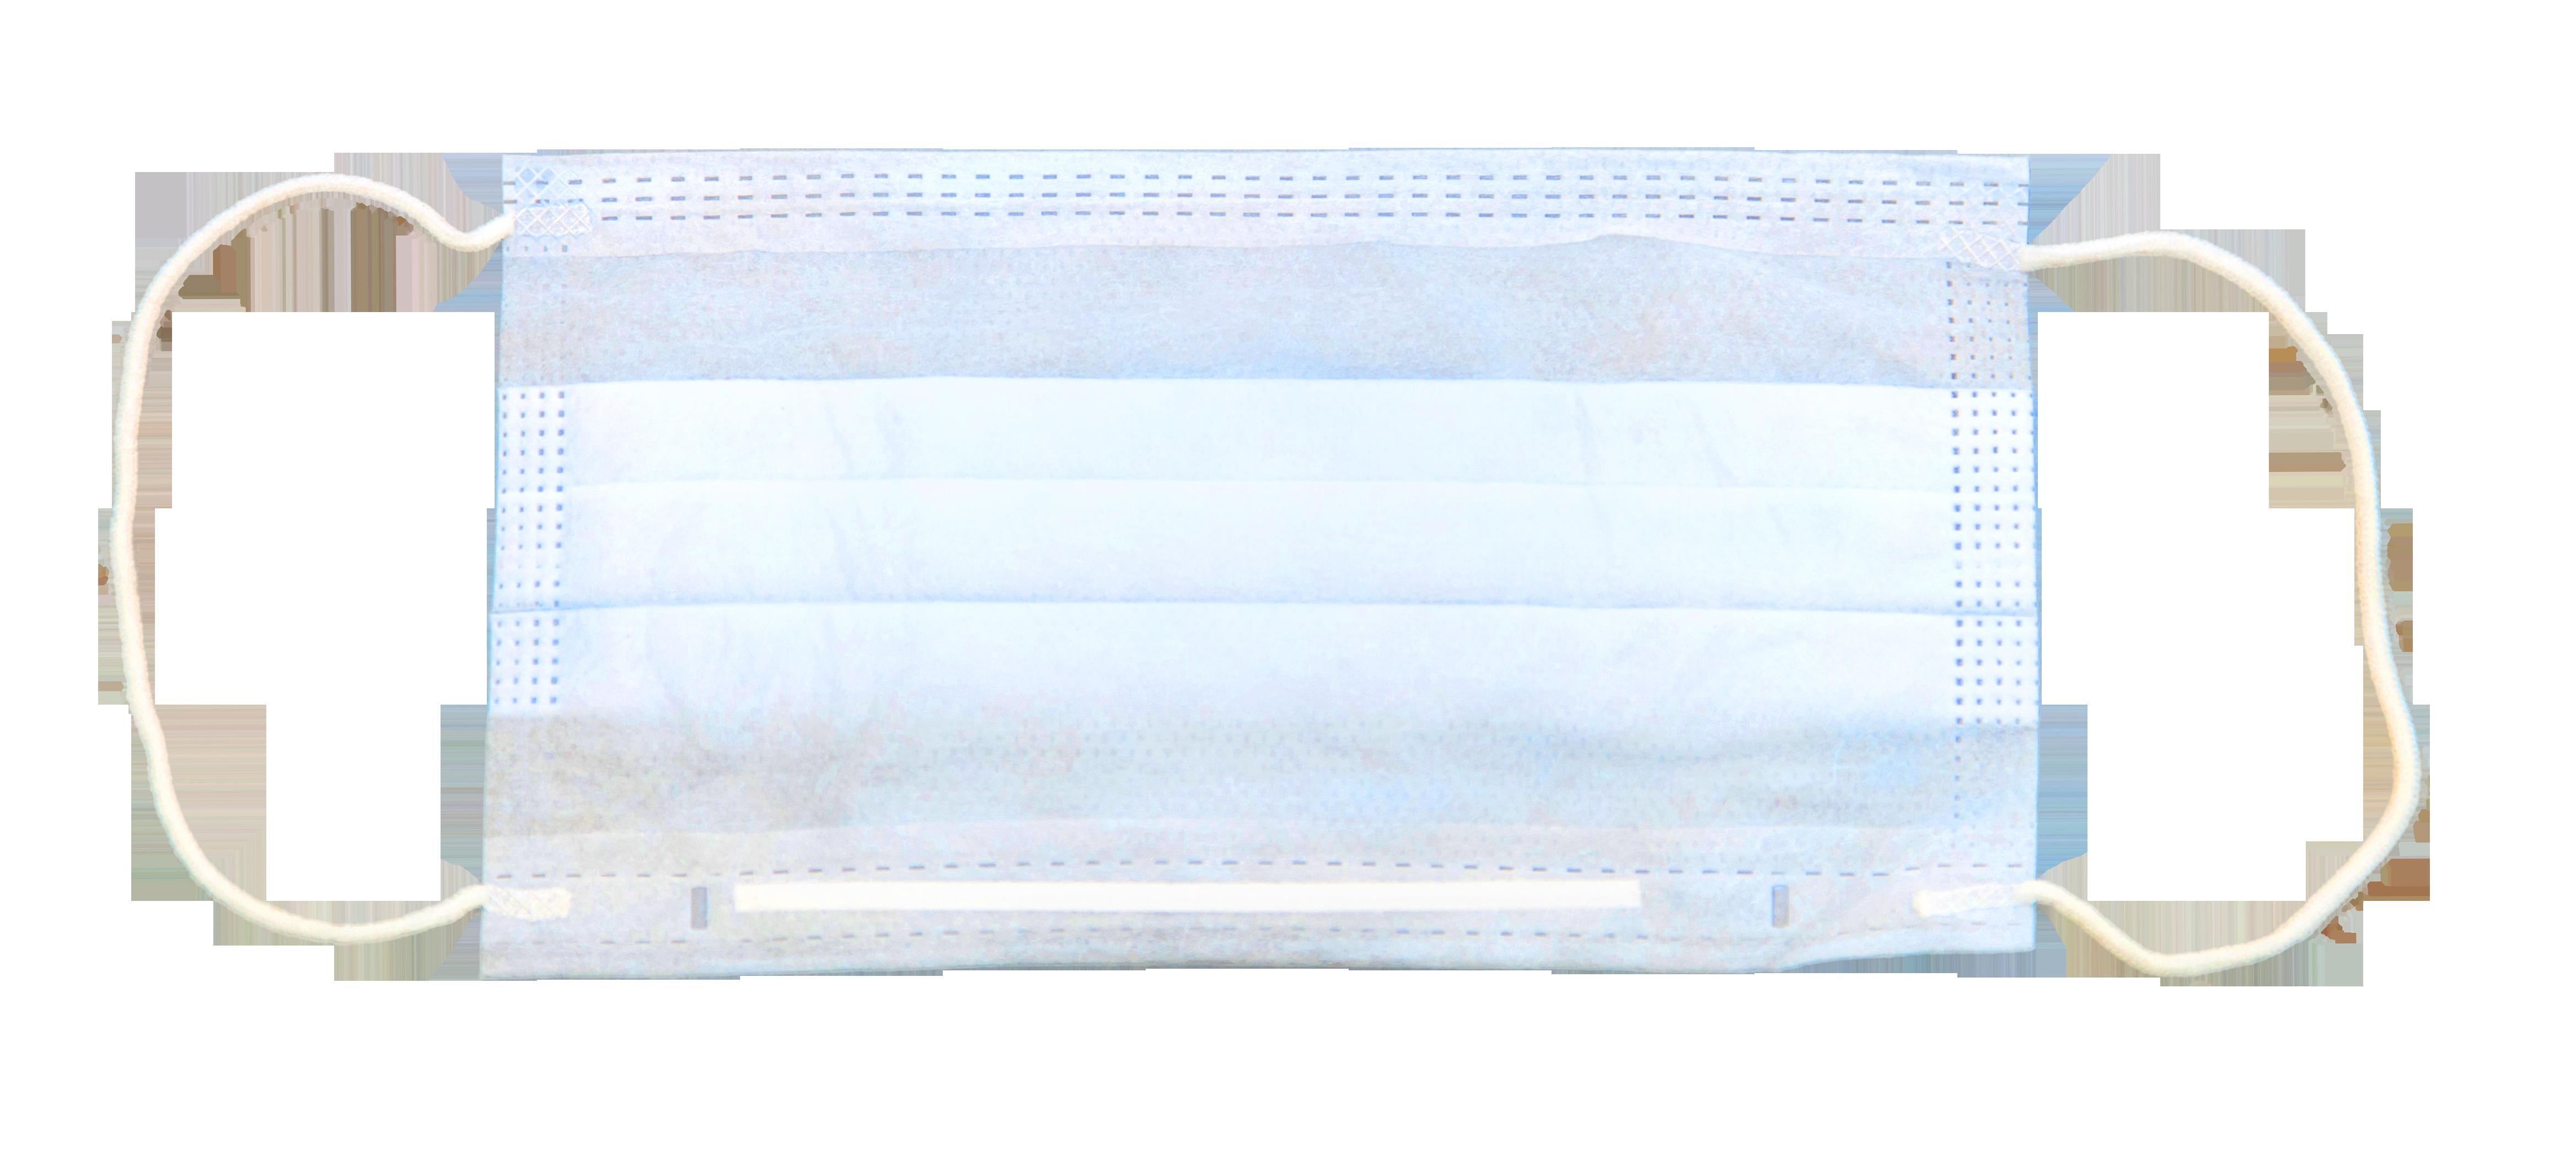 ЧИСТОВЬЕ Маска 3-х слойная на резинках 100 шт/упк (голубая)